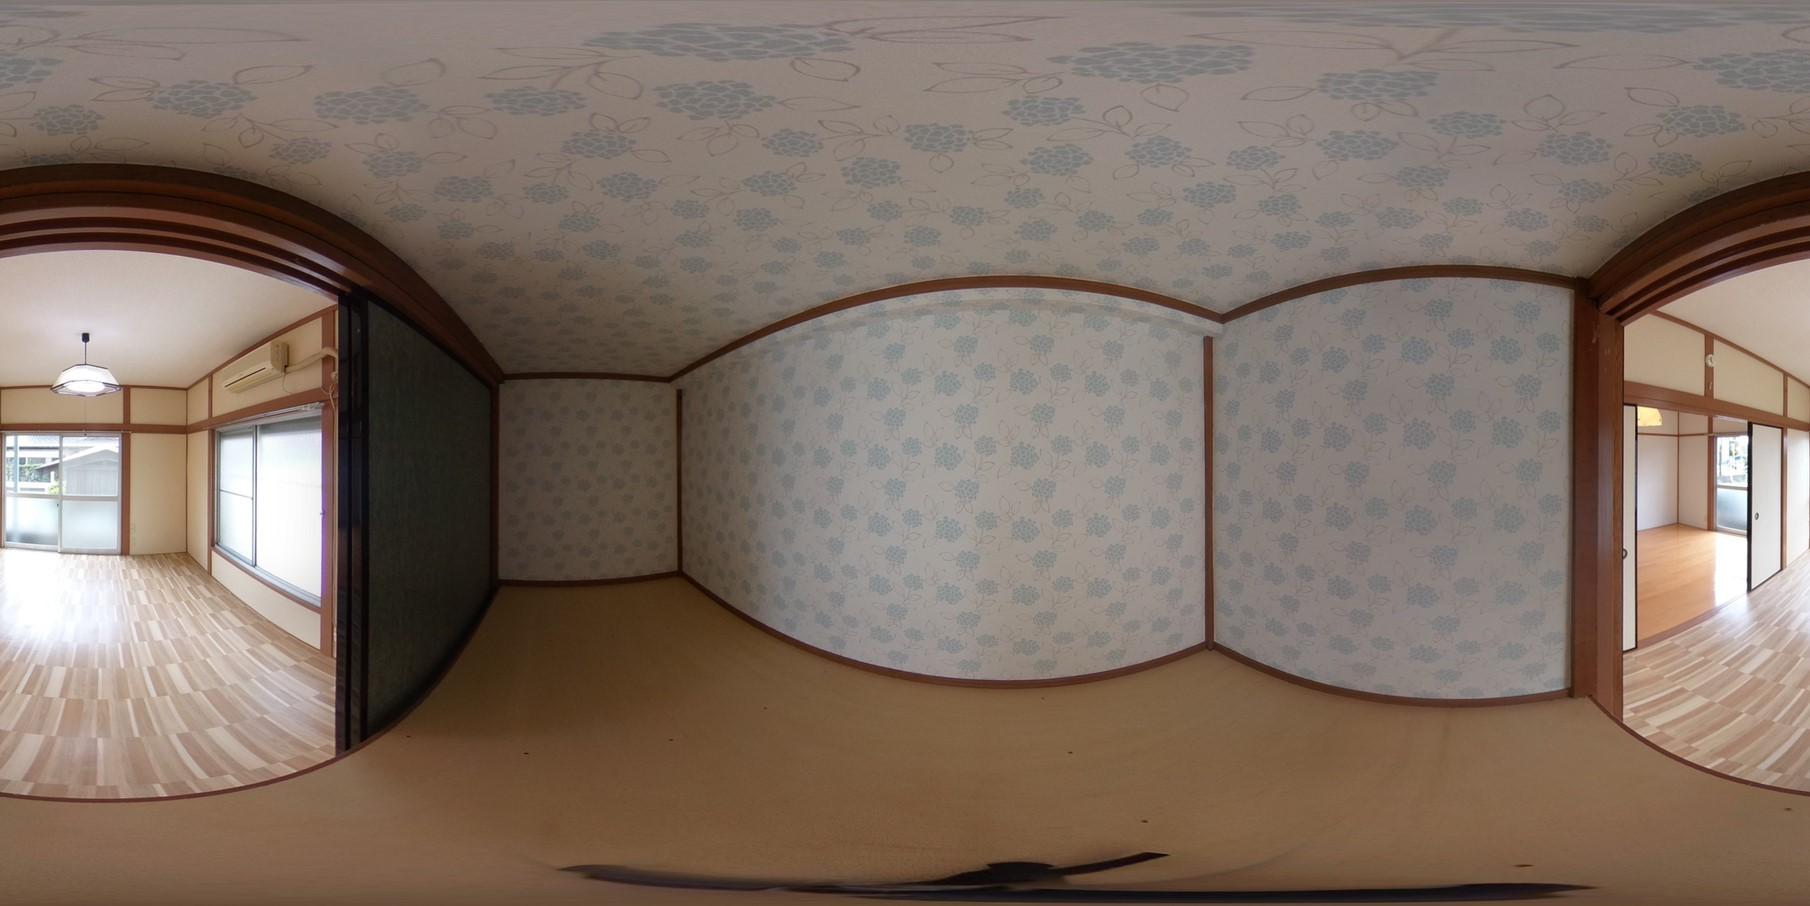 収納スペースにはあじさいの壁紙が貼っており華やかです